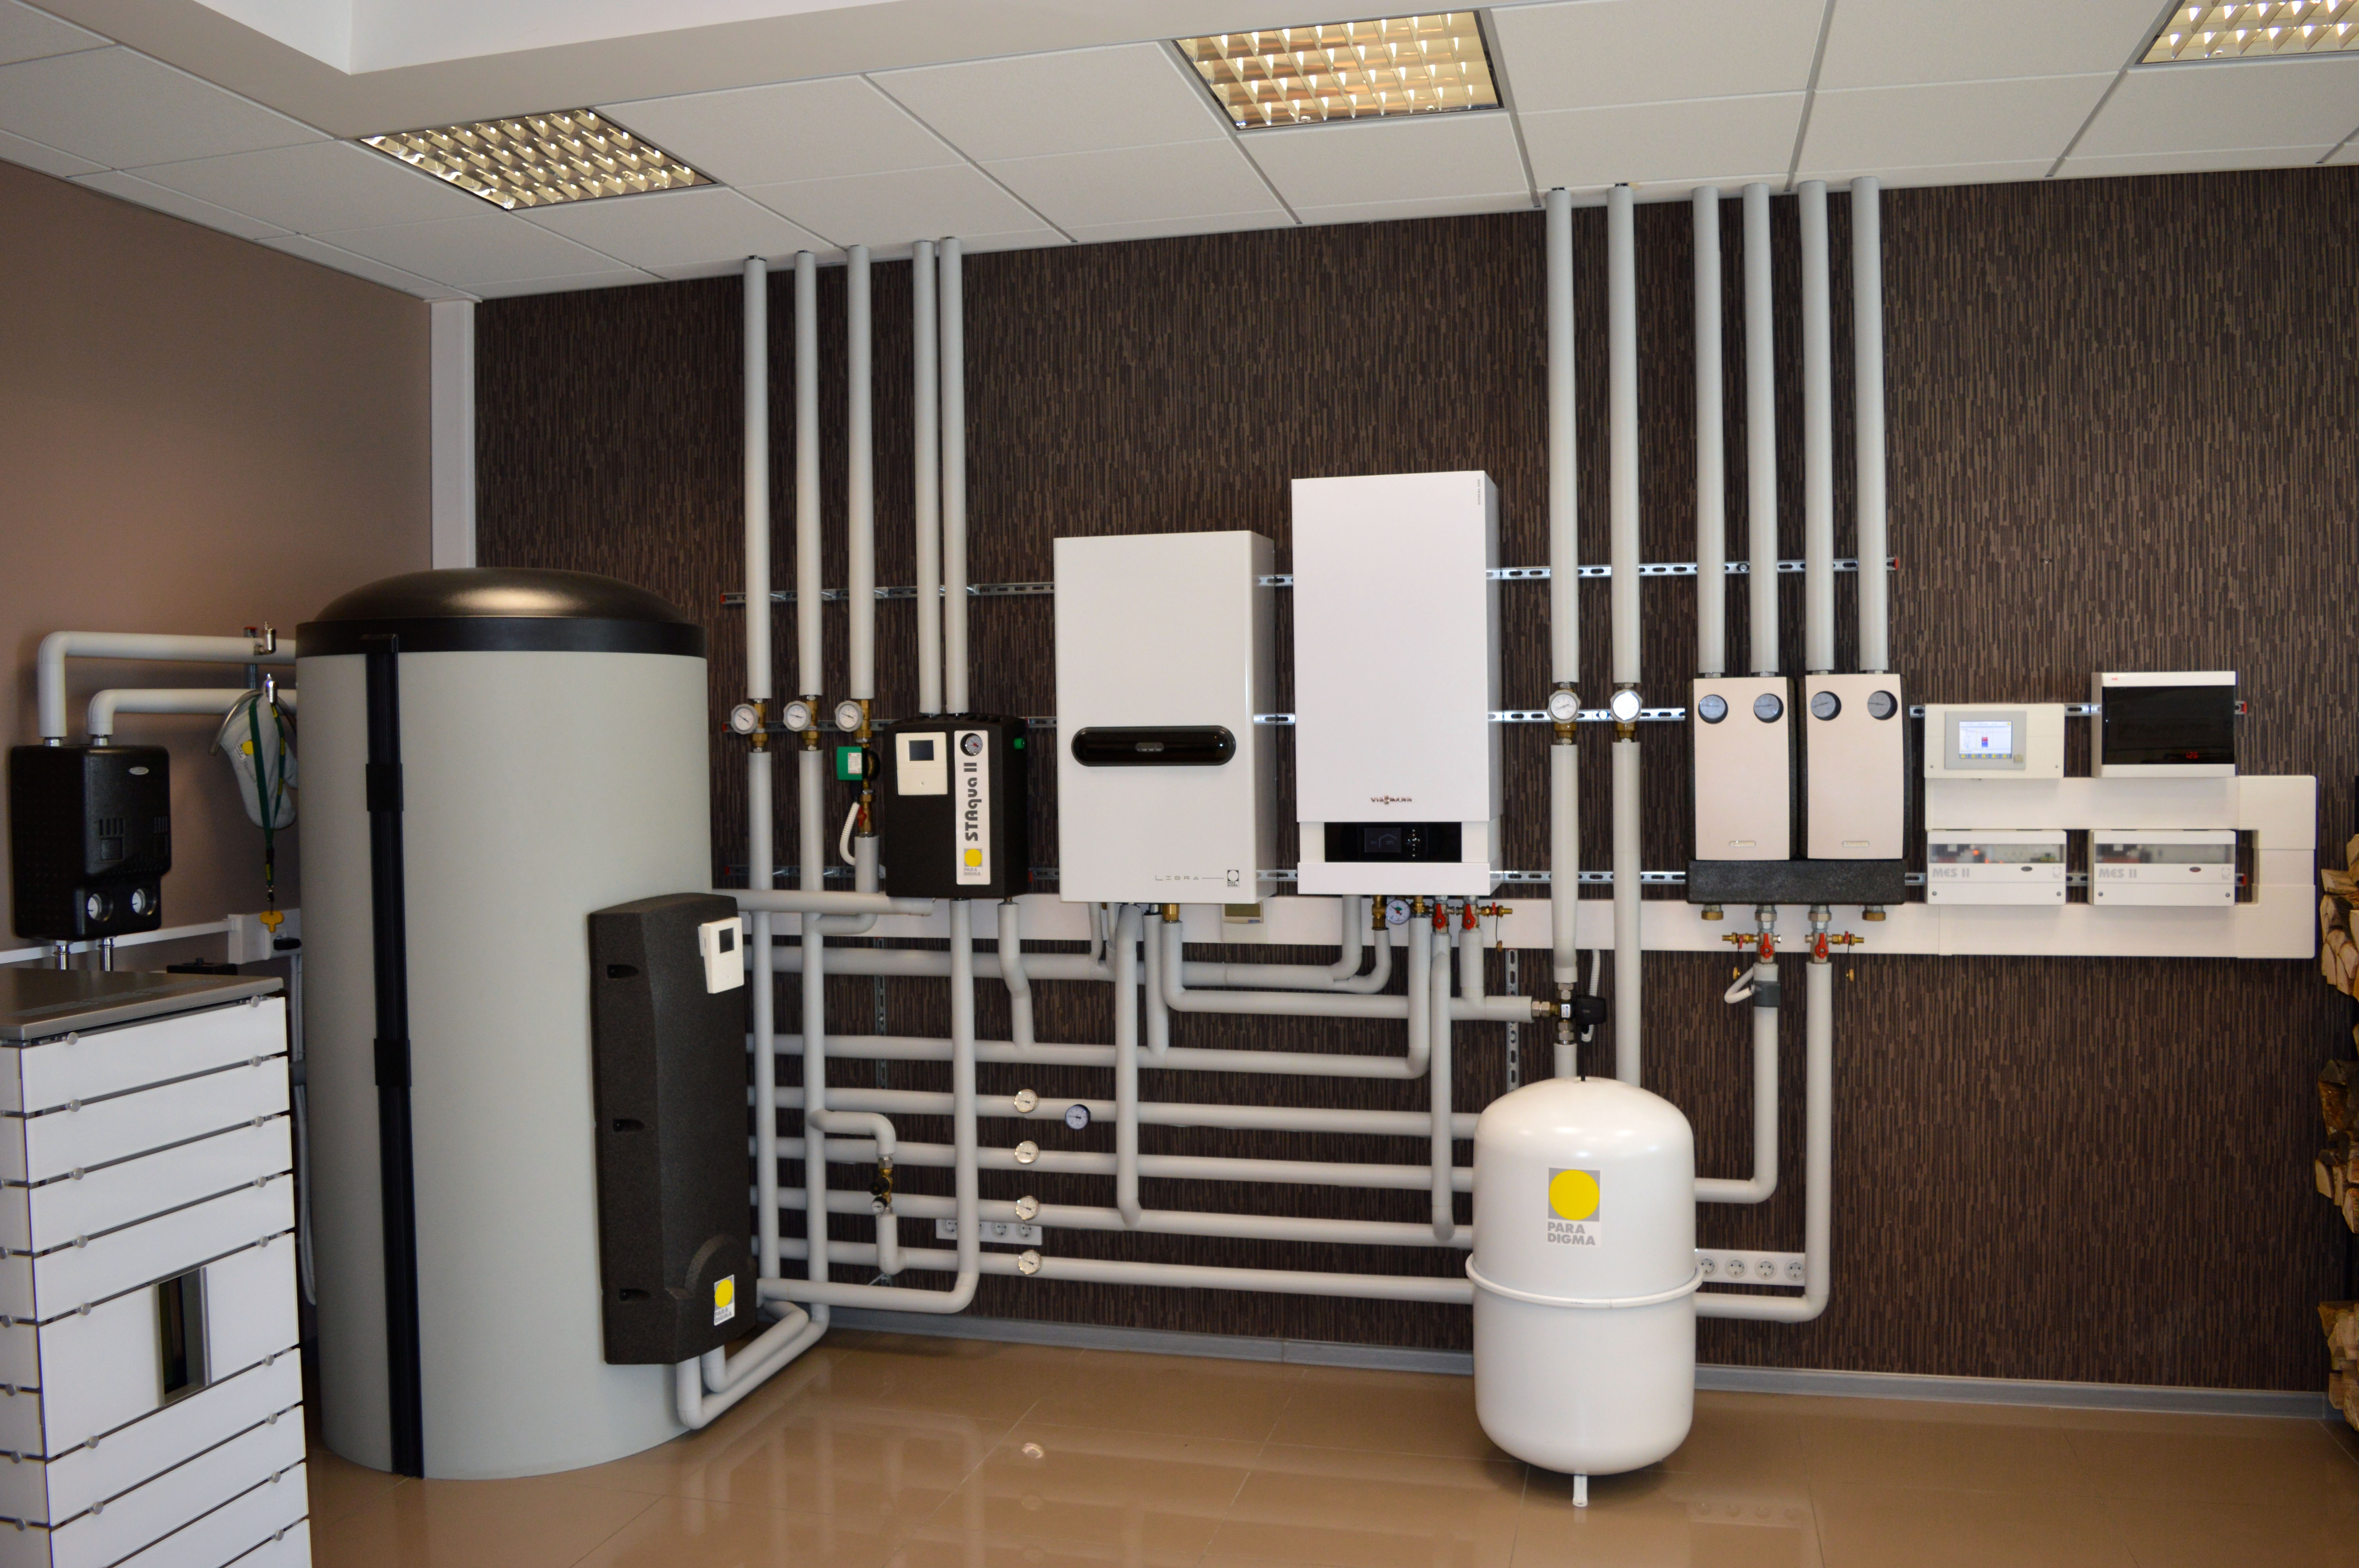 коллекторная схема отопления напольного котла